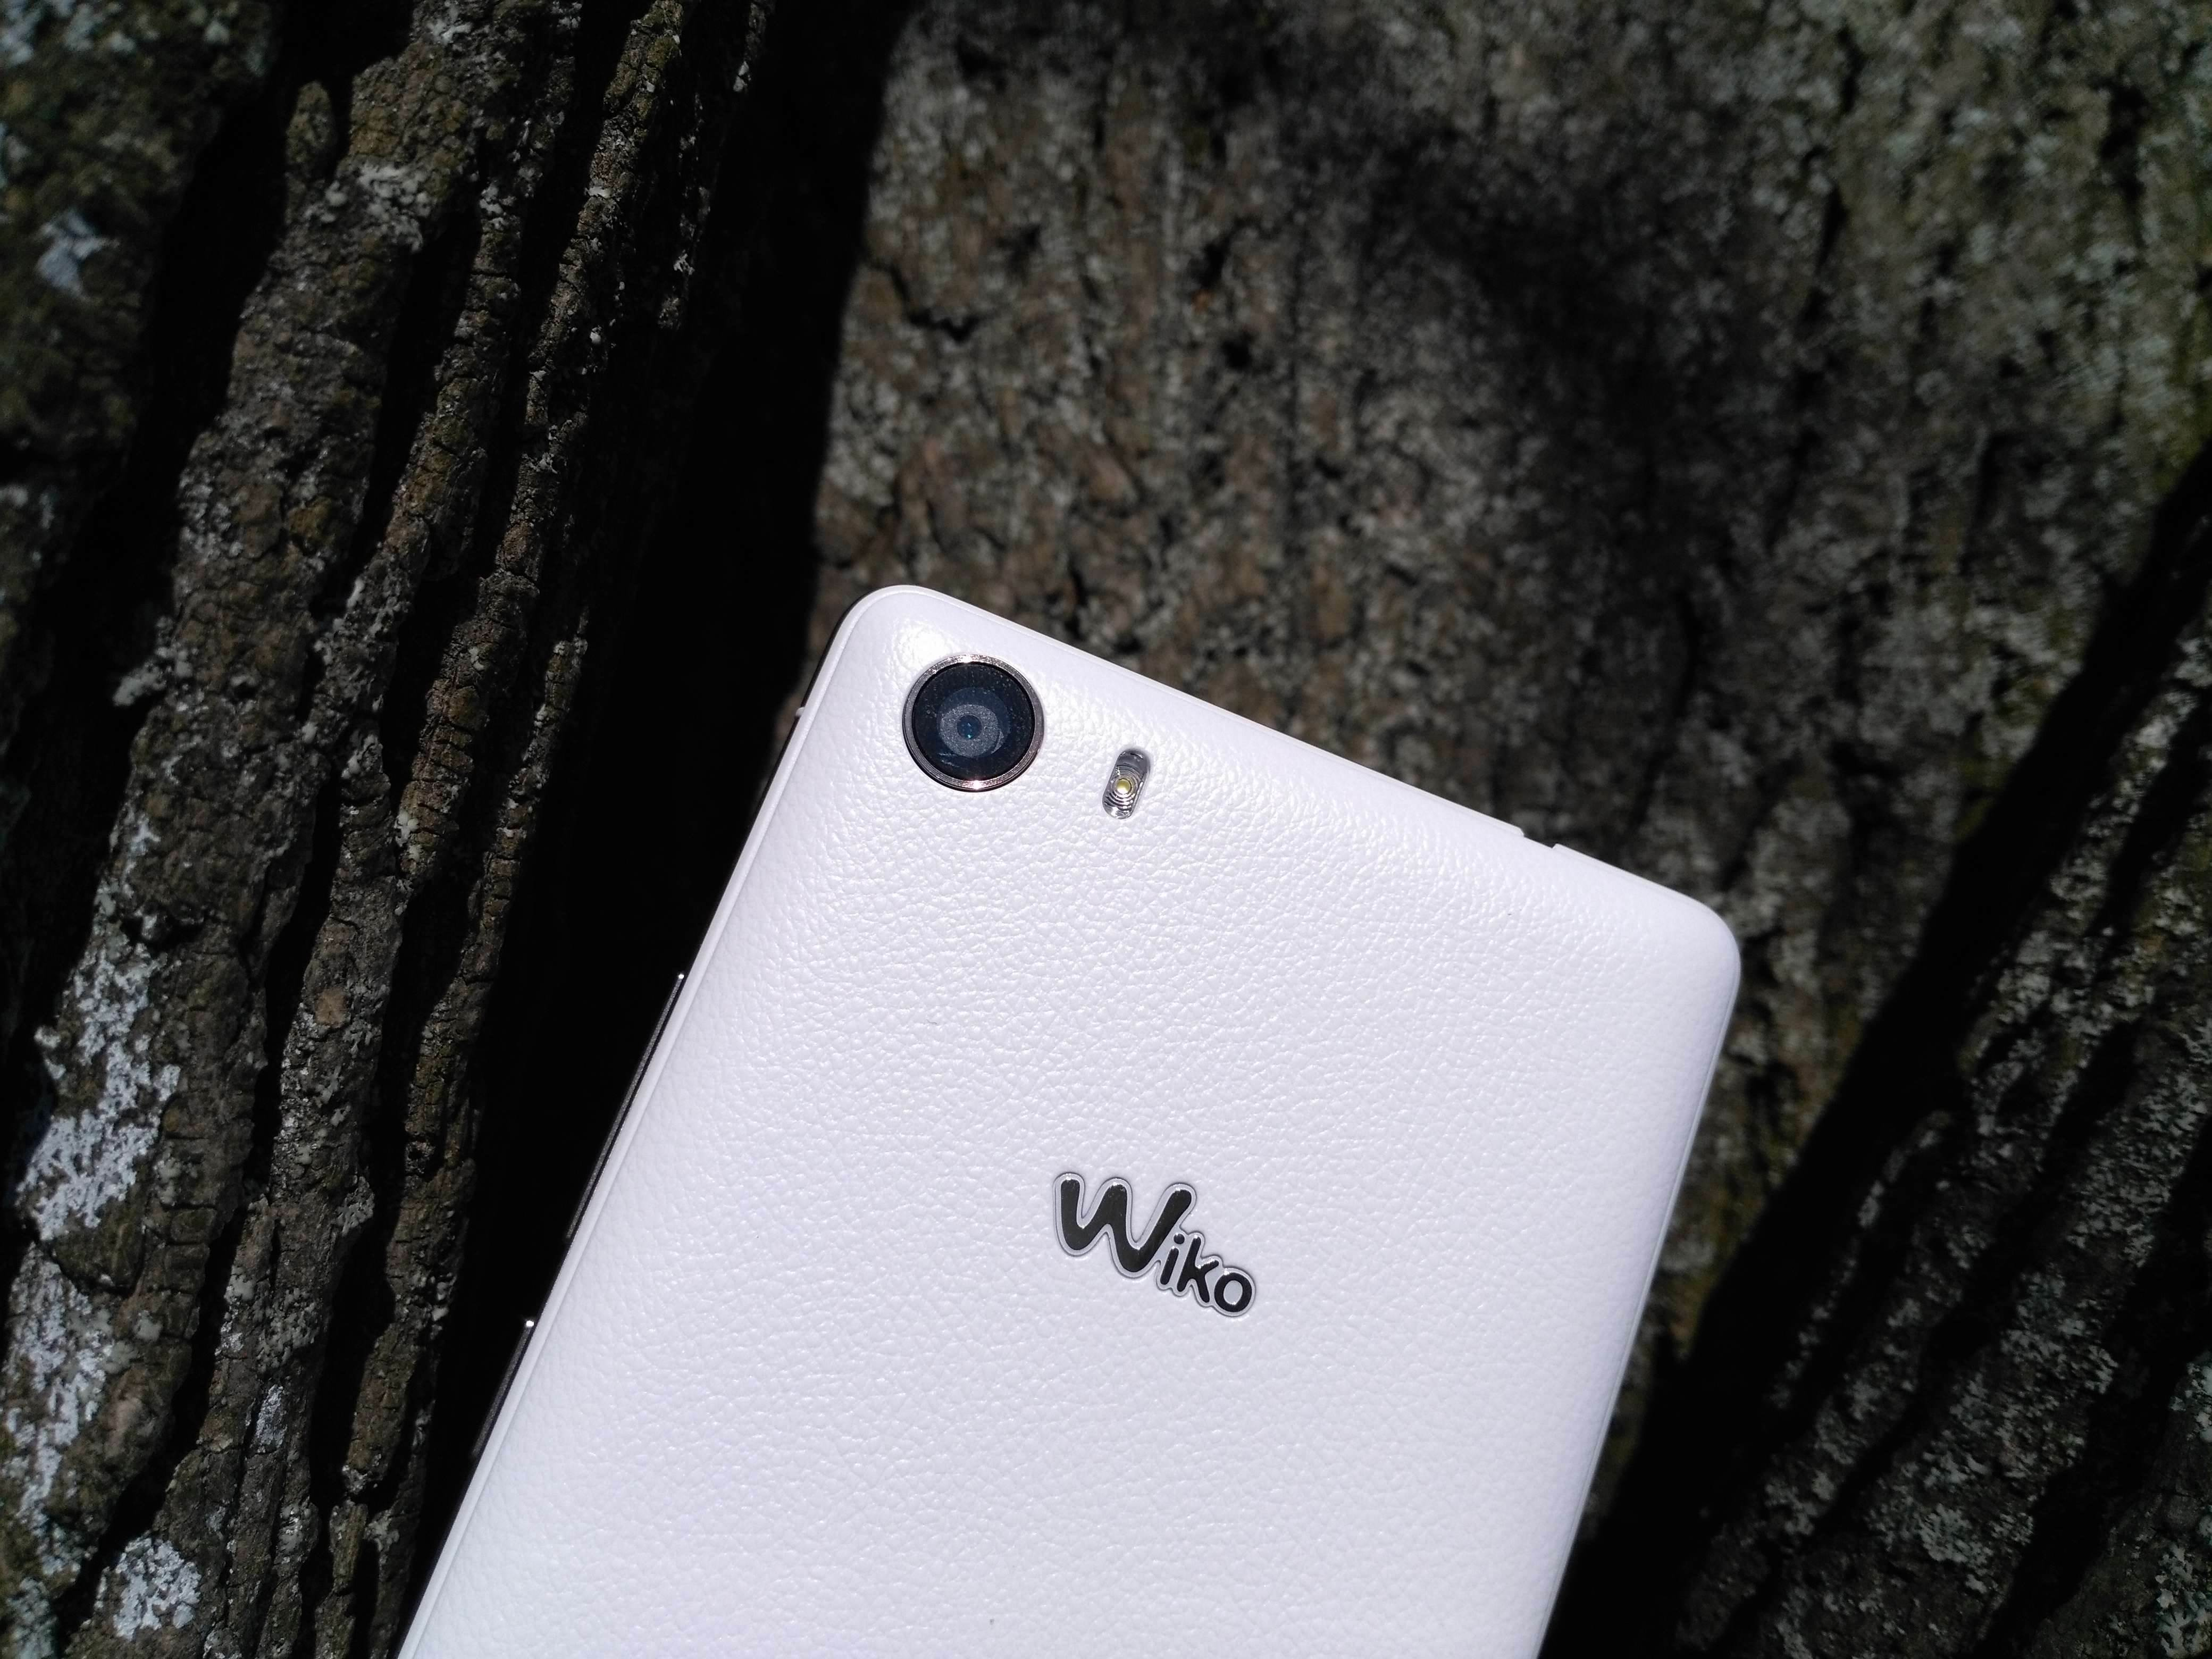 Wiko Fever - recenzja urządzenia recenzje, polecane zalety, Wiko Fever, wiko, Wideo, wady, Specyfikacja, smartfon Wiko Fever, recenzja Wiko Fever, polska recenzja Wiko Fever, aparat  Poszukiwanie smartfona do 1000 zł może być trudne, większość jest taka sama, a producenci zazwyczaj kładą nacisk na jedną część składową, która ma odróżniać ich produkt od konkurencji. Jedni postawią na świetny aparat, kolejni na wzornictwo, a inni wezmą pod uwagę większy wyświetlacz. Jednak nikt oprócz Wiko nie pomyślał o fluorescencyjnej obudowie (jej części), ale czy to pozwoli na zaskarbienie sobie serc użytkowników? IMG 20160316 134234